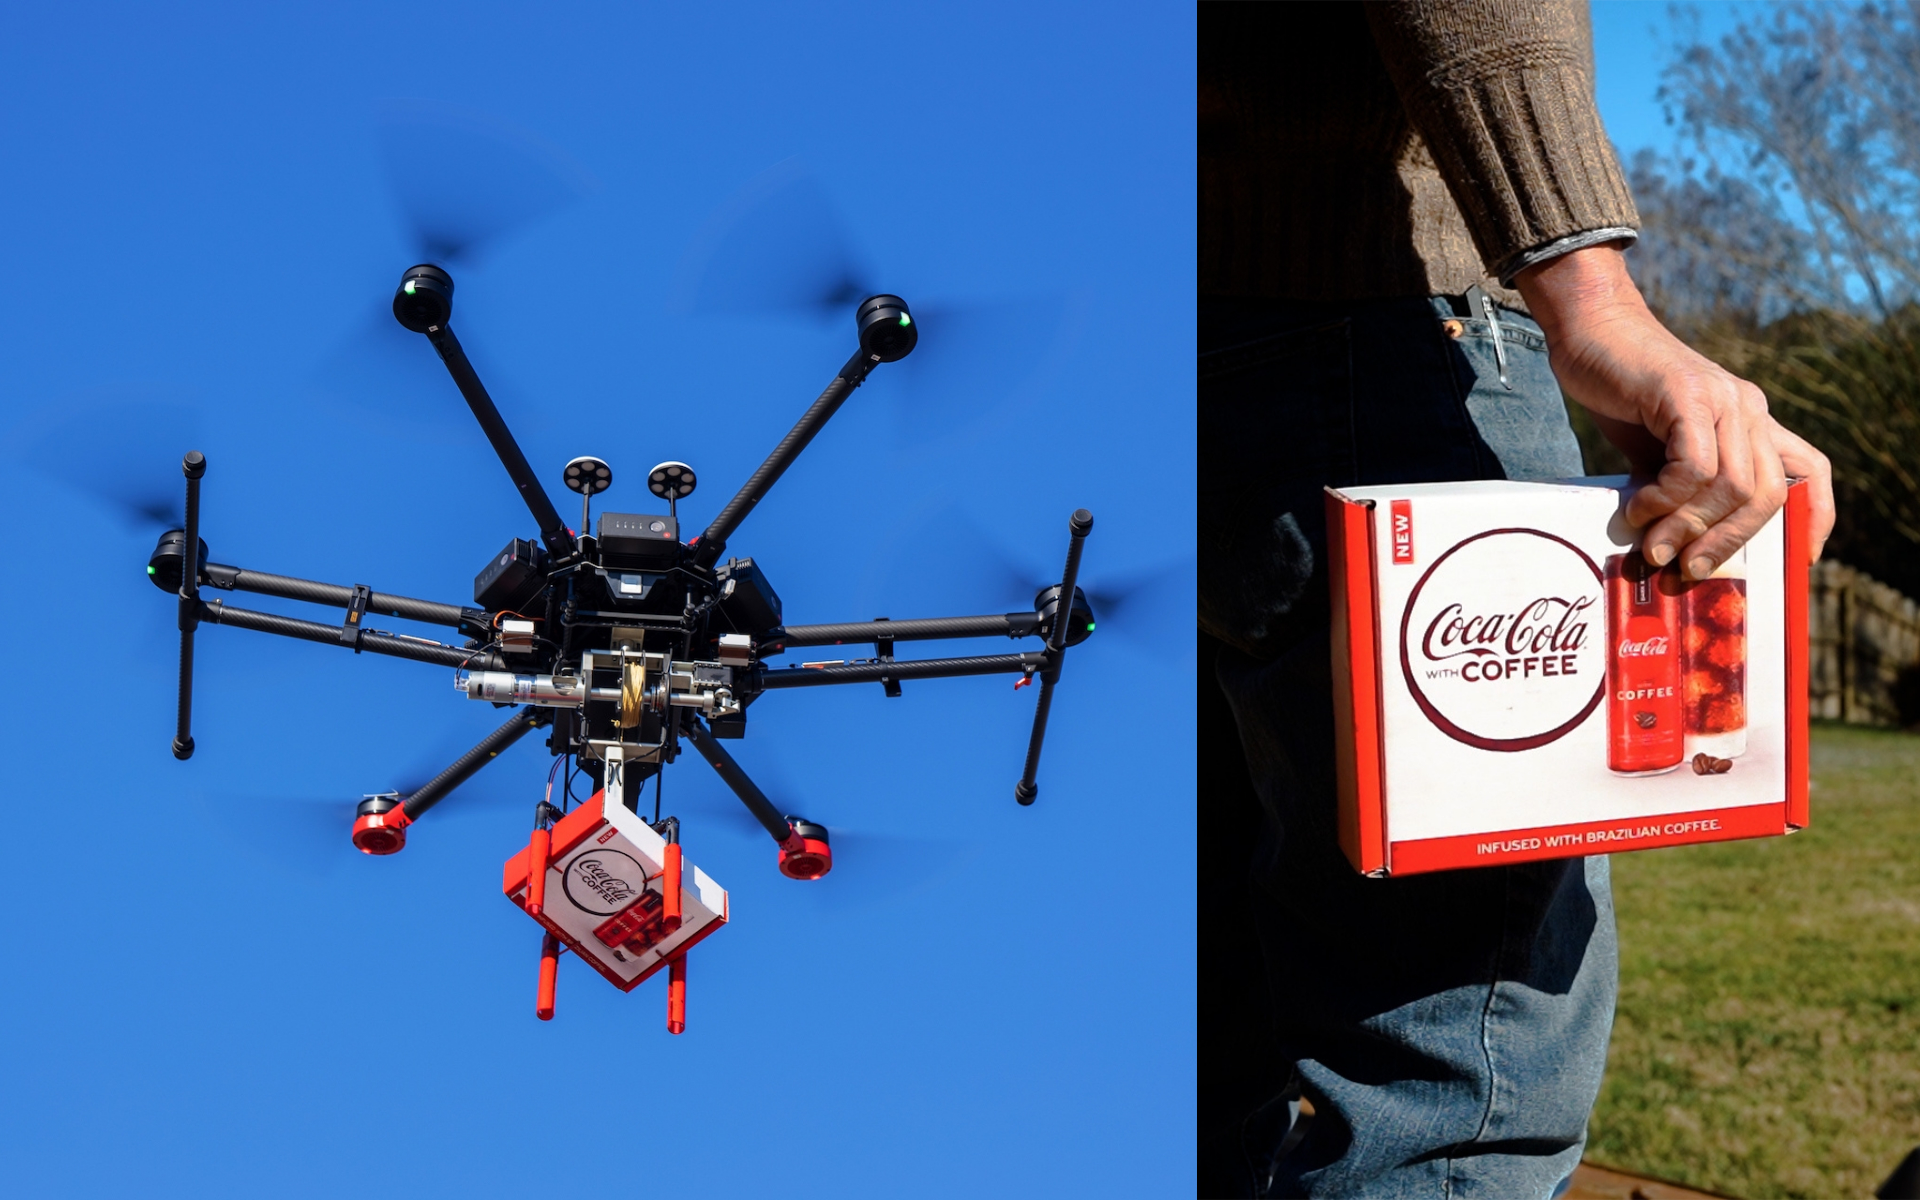 Coca-cola 夥沃爾瑪搞新意 無人機宅配新上市咖啡可樂